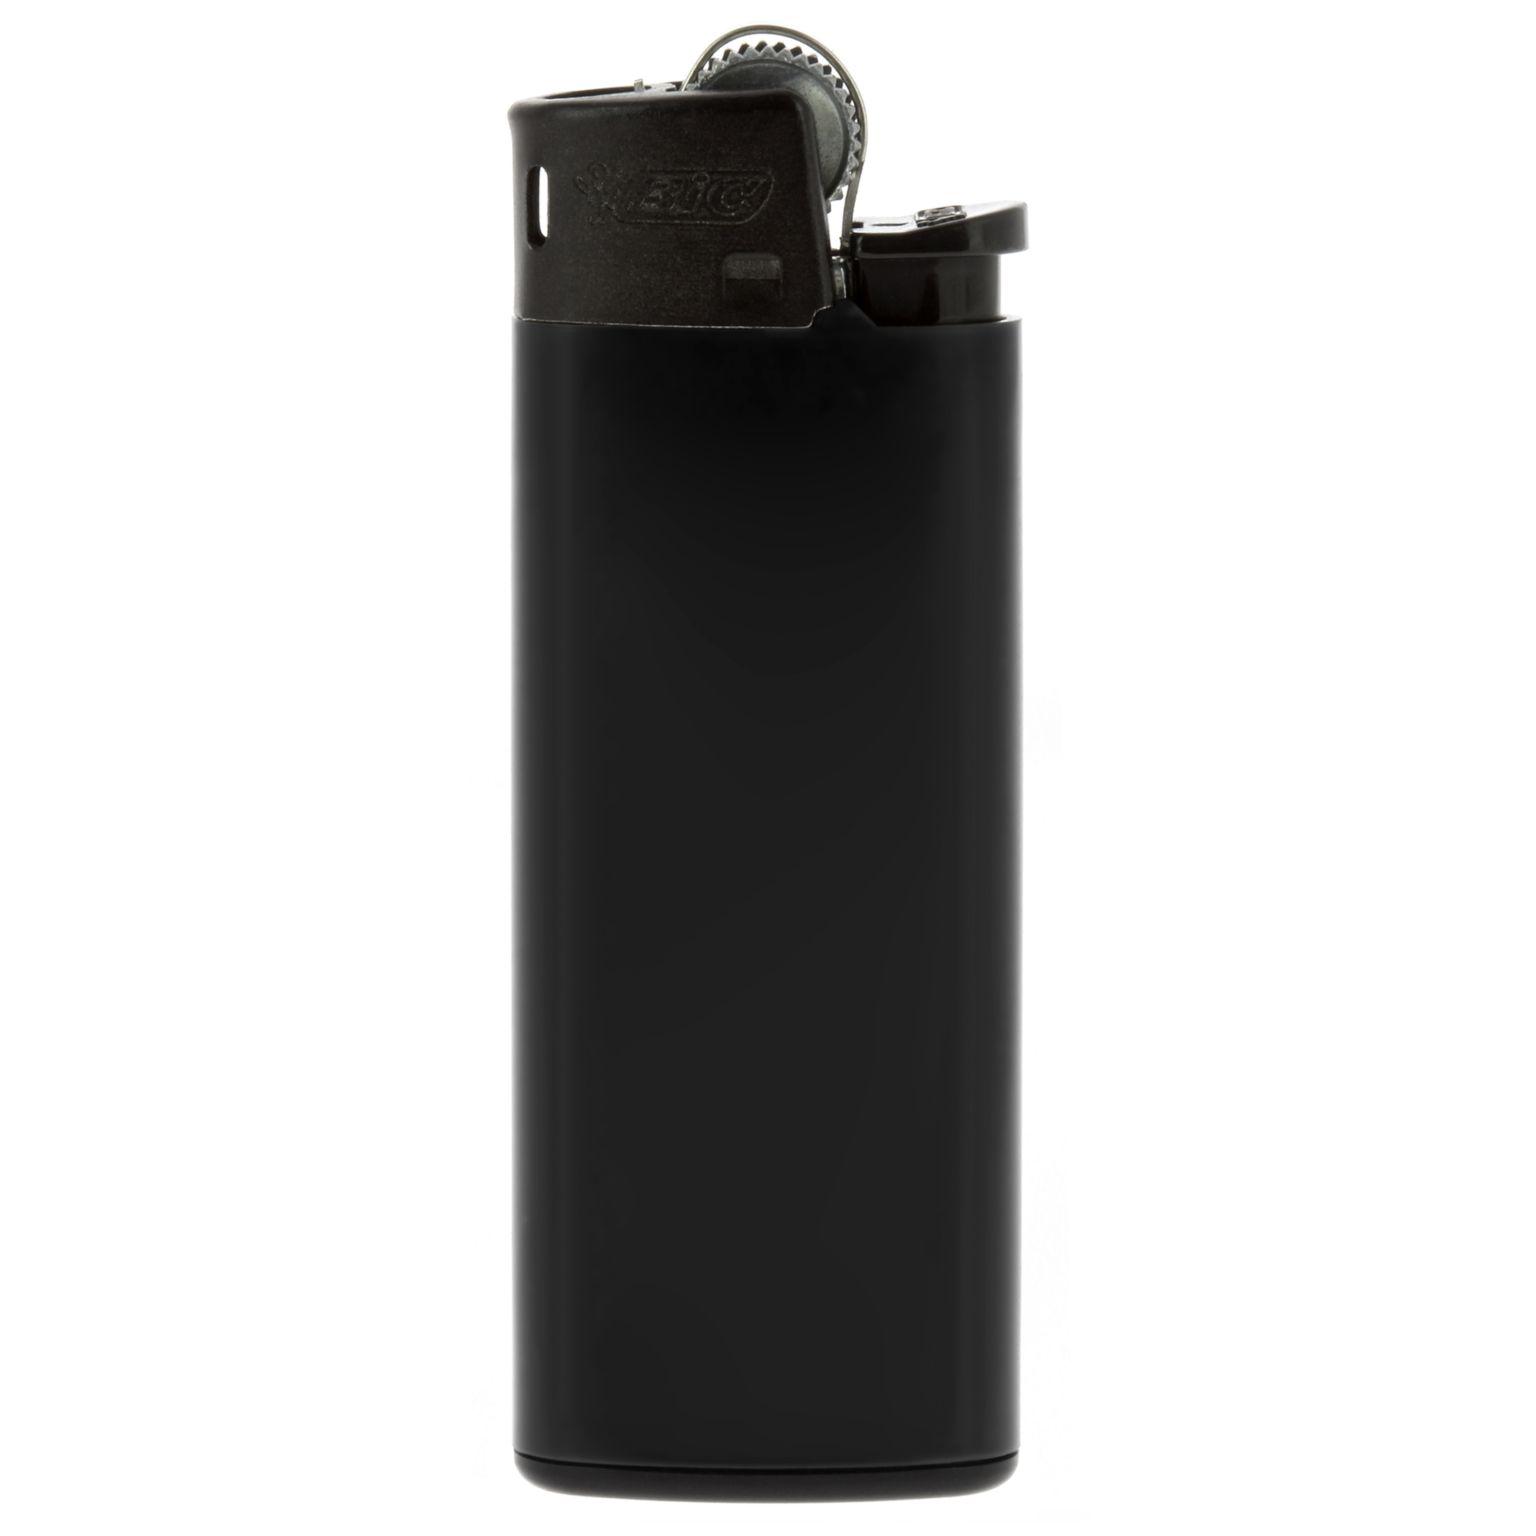 BIC® J25 All Black Lighter